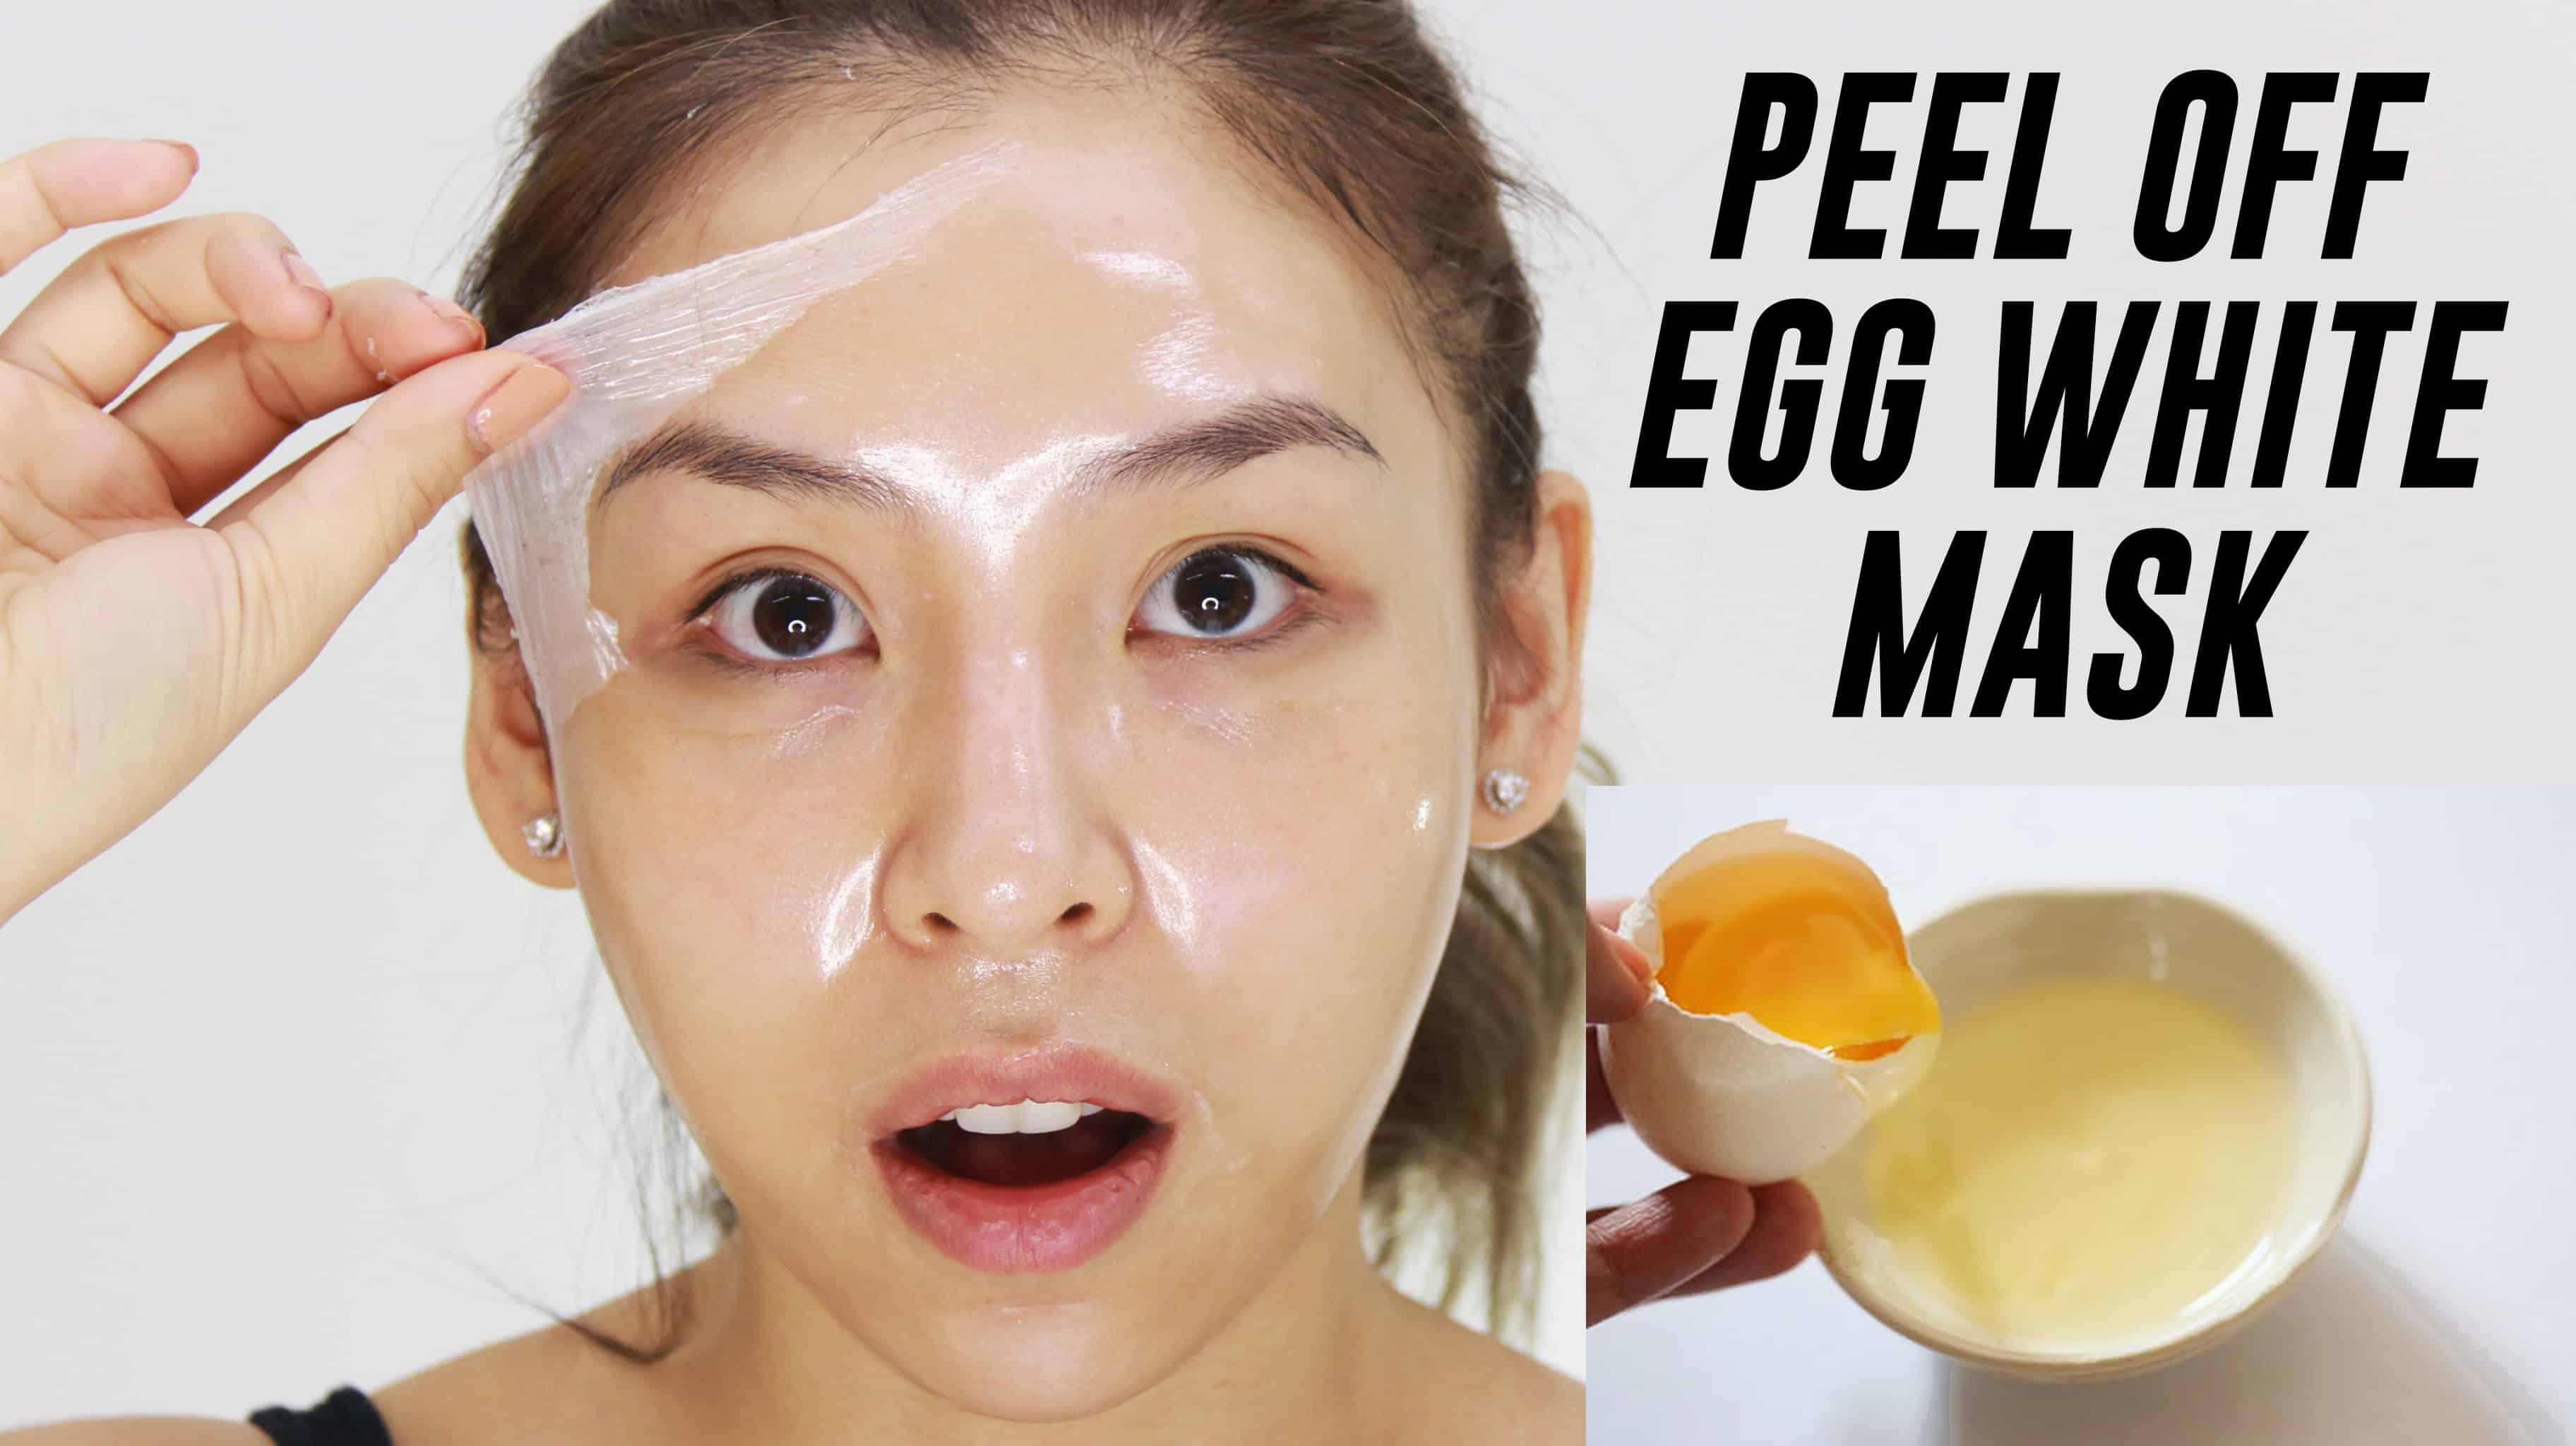 DIY Egg White Peel Off Mask  Efek Samping Memakai Masker Putih Telur Setiap Hari